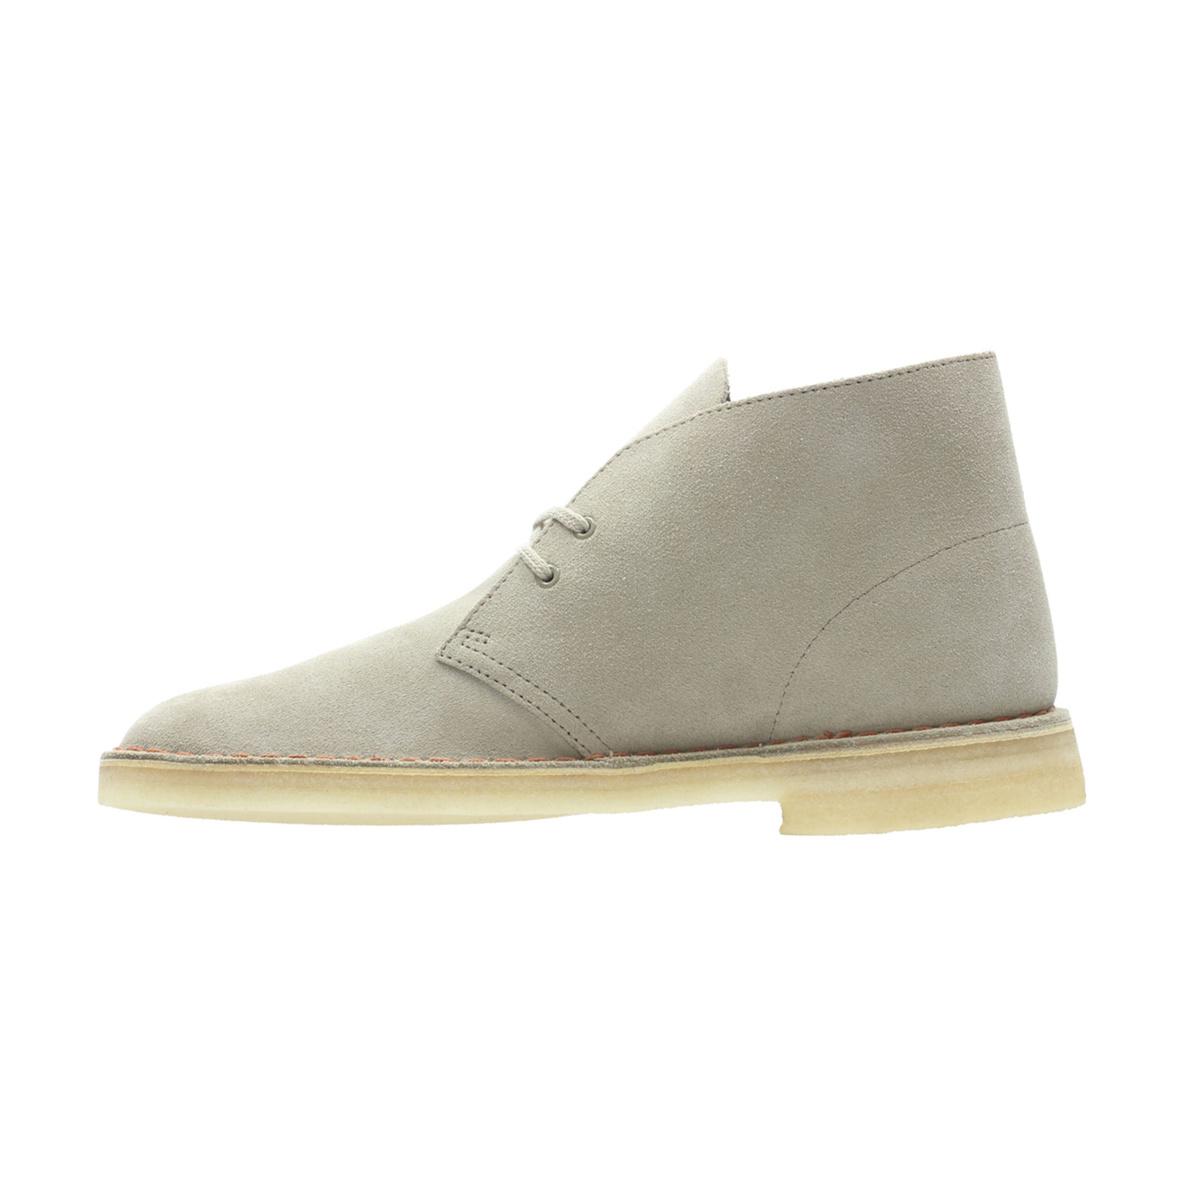 Clarks Desert Boot W (Sand Suede) 26155527